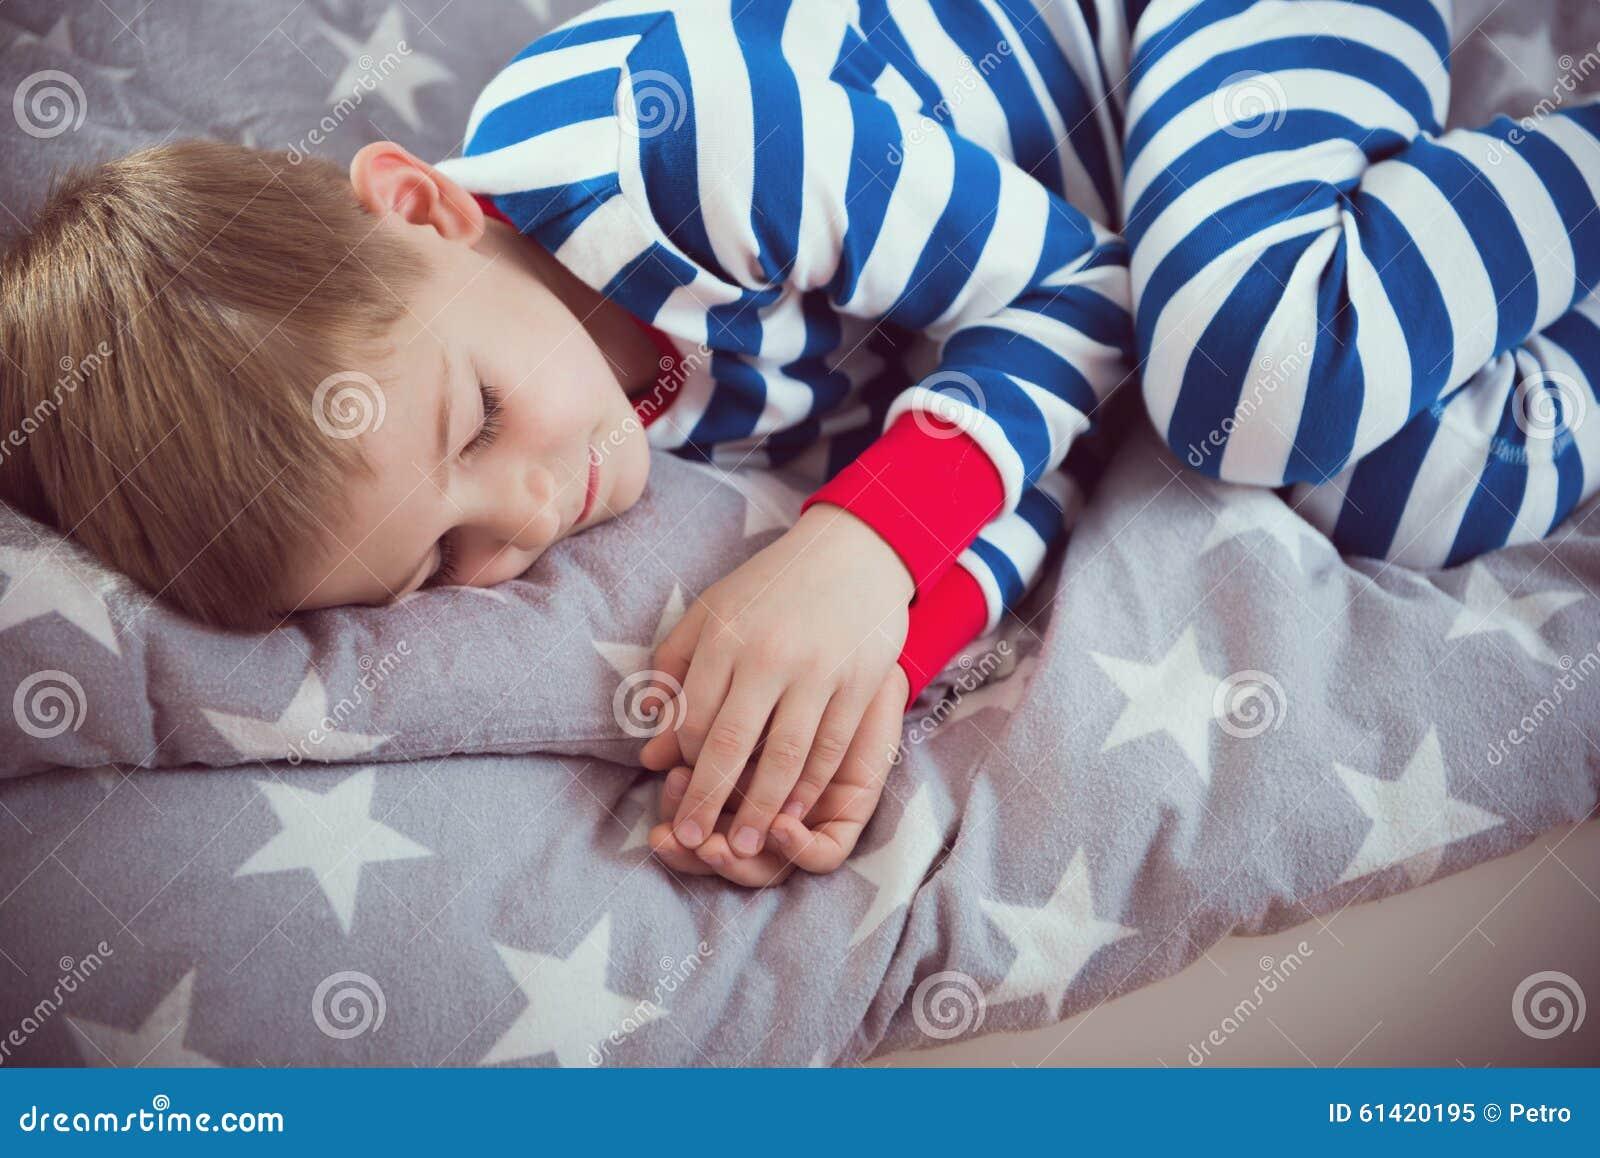 Netter Kleiner Junge Schlaft In Den Pajames Auf Bett Fokus Oben